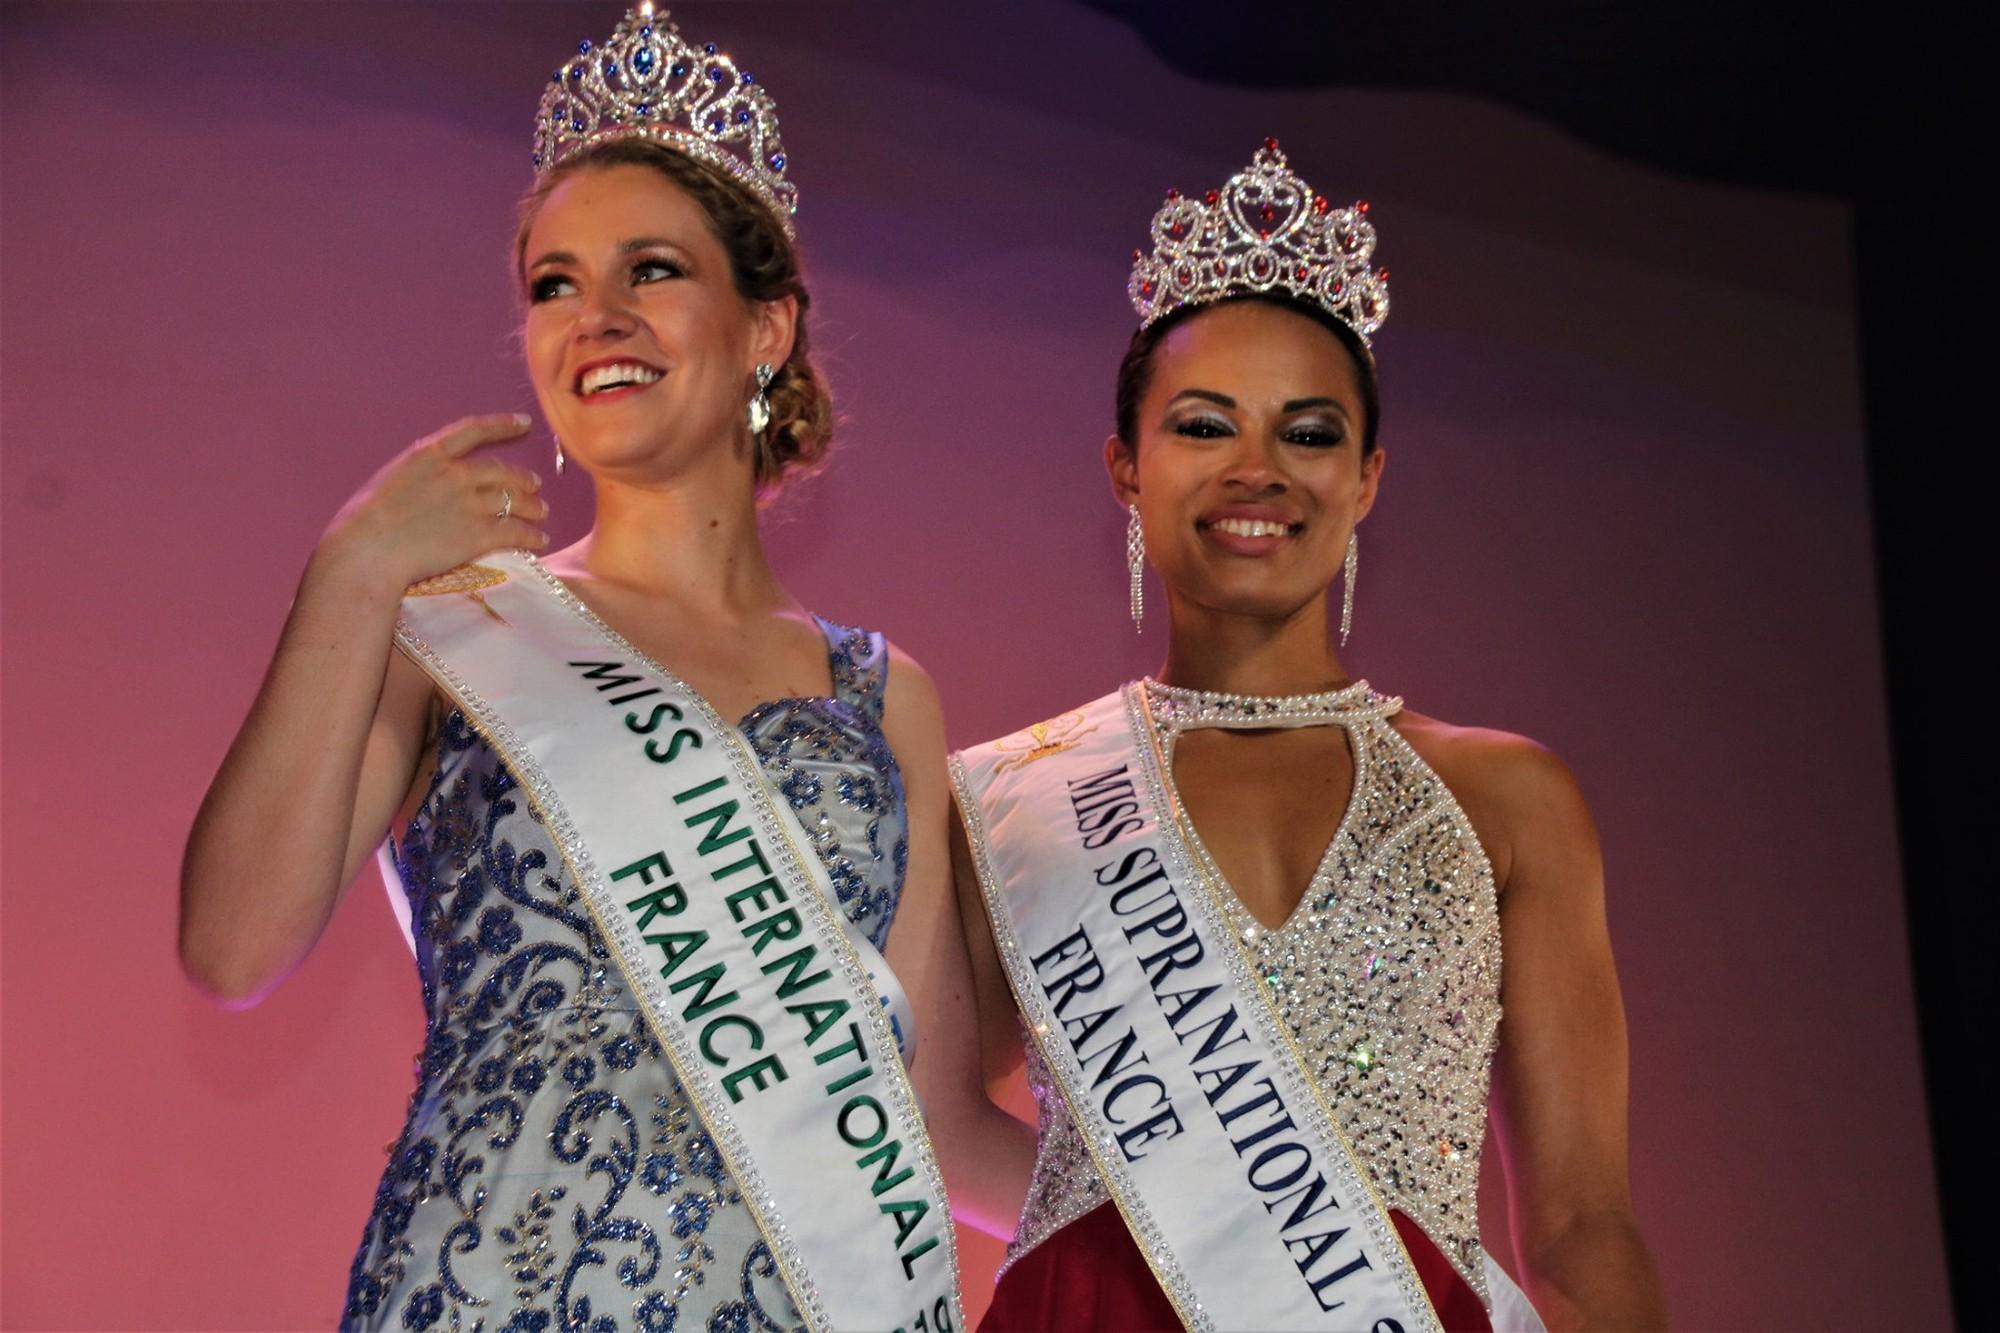 Vẻ đẹp đài các của Hoa hậu Quốc tế Pháp 2019  - Ảnh 8.